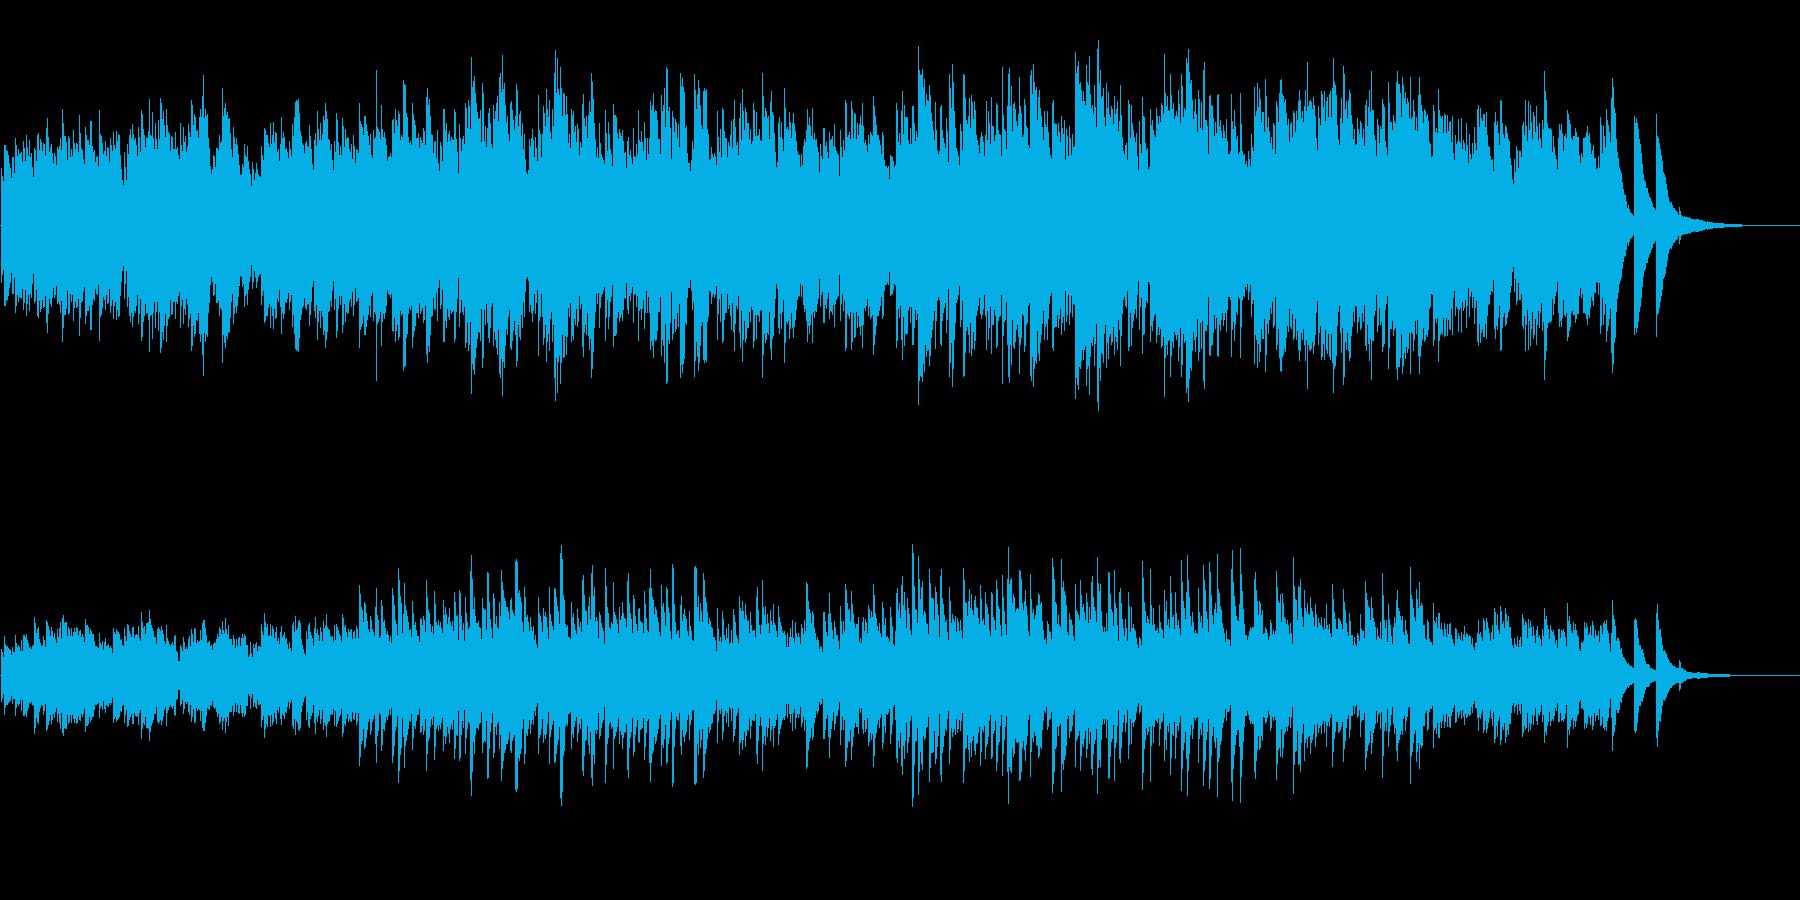 AppleのCMをイメージしたピアノ曲の再生済みの波形